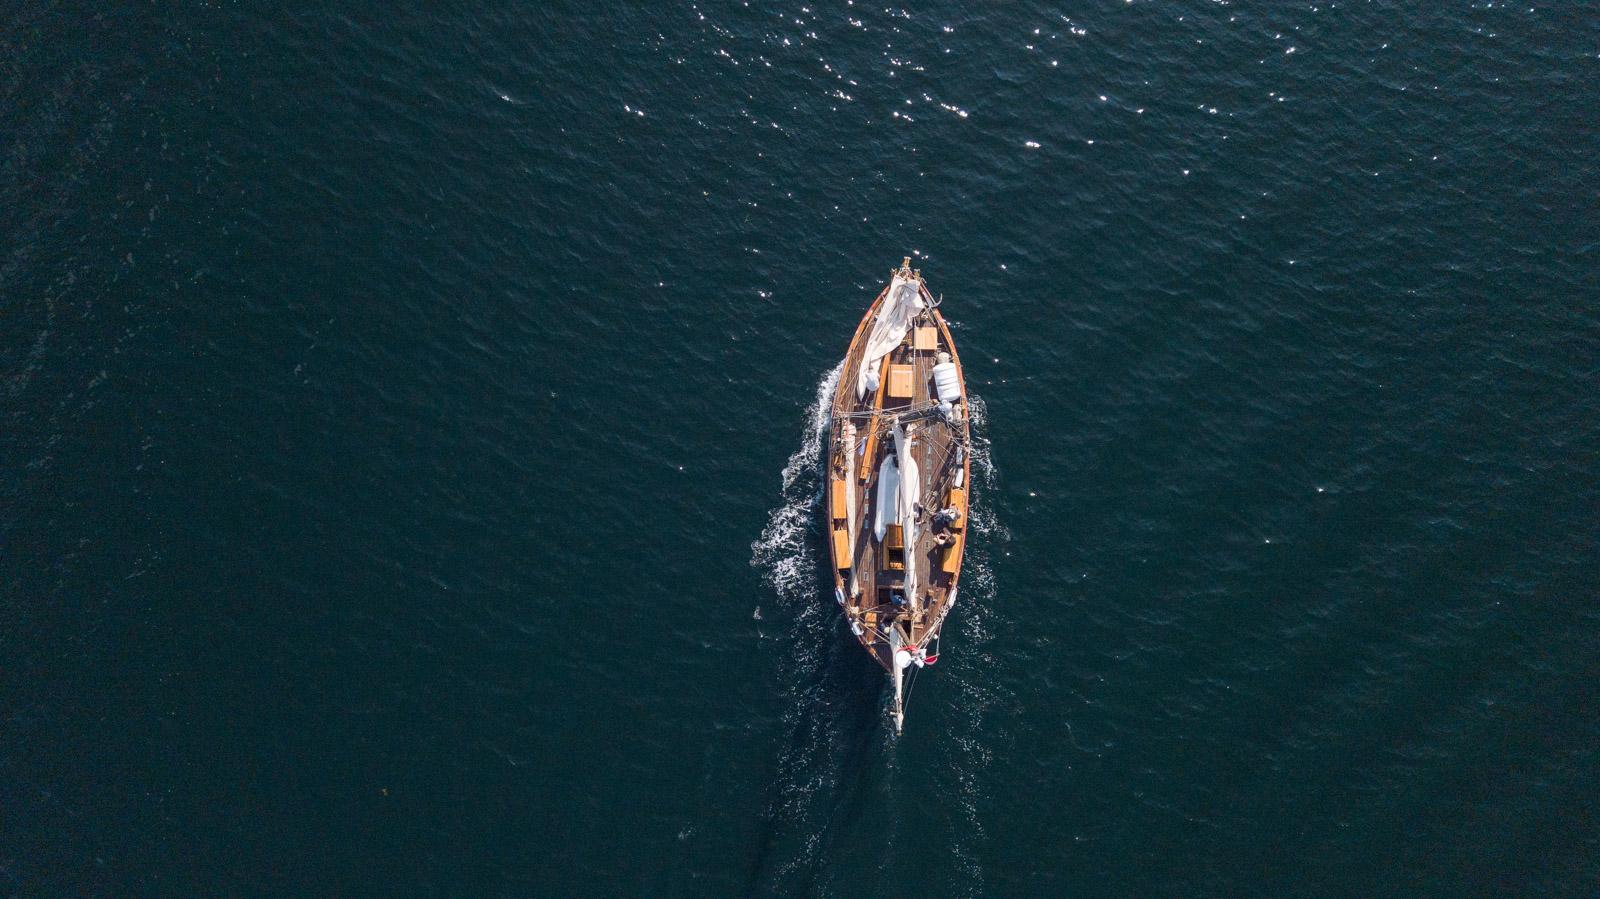 Bilde av en seilbåt på sjøen